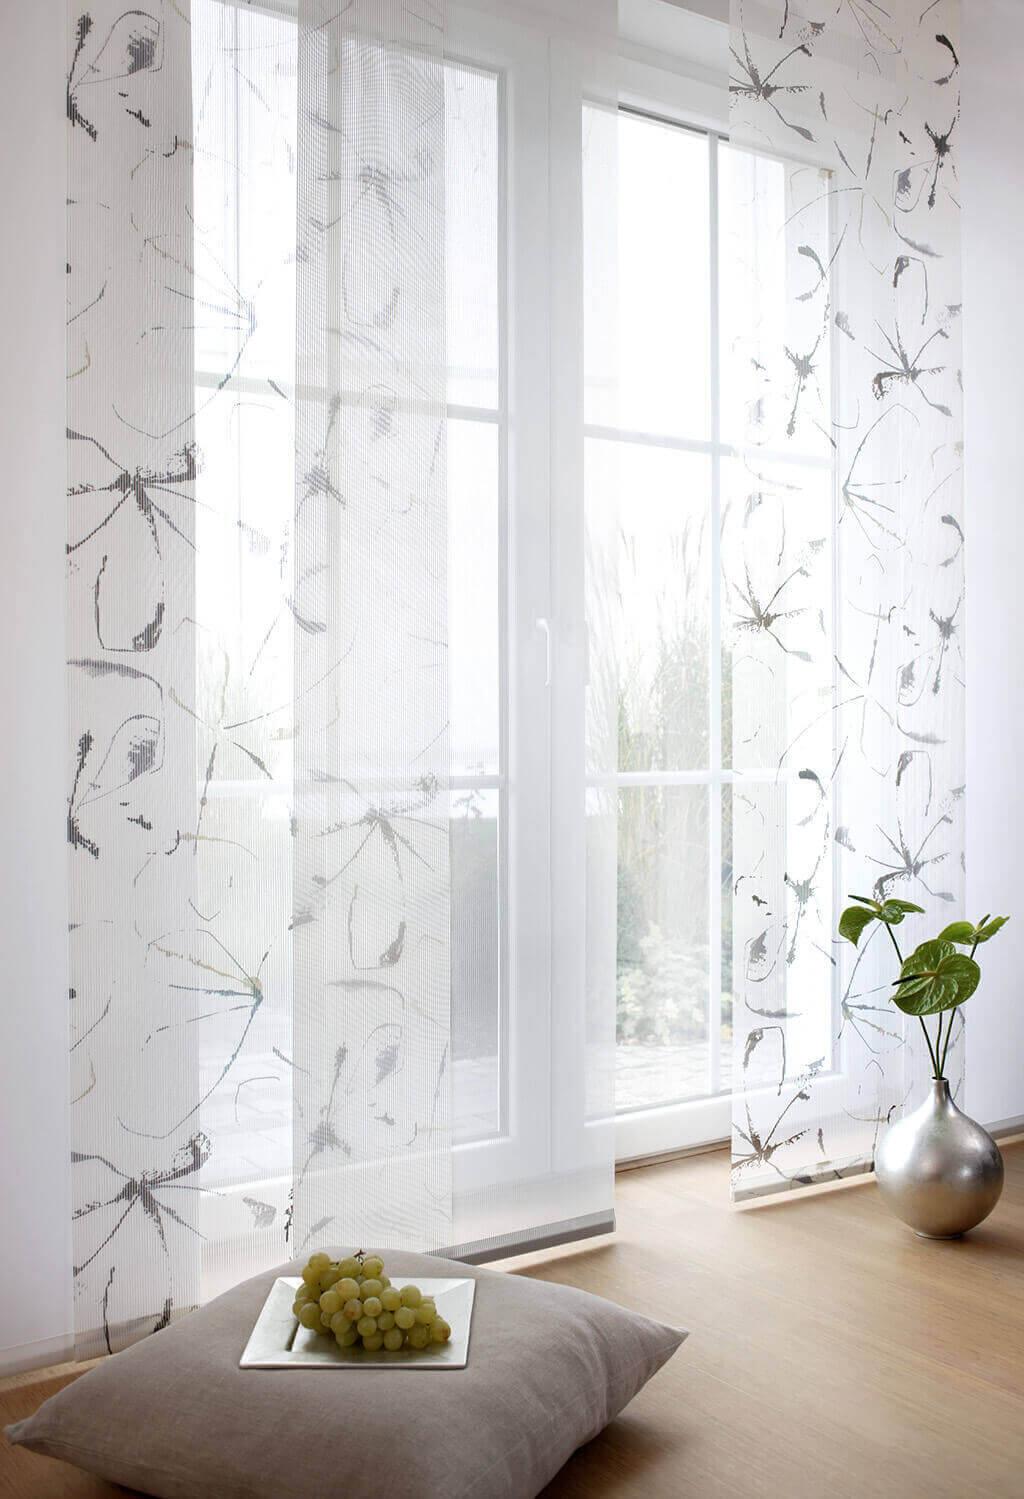 JalouCity: Moderne Fensterlösungen für Wohnzimmer